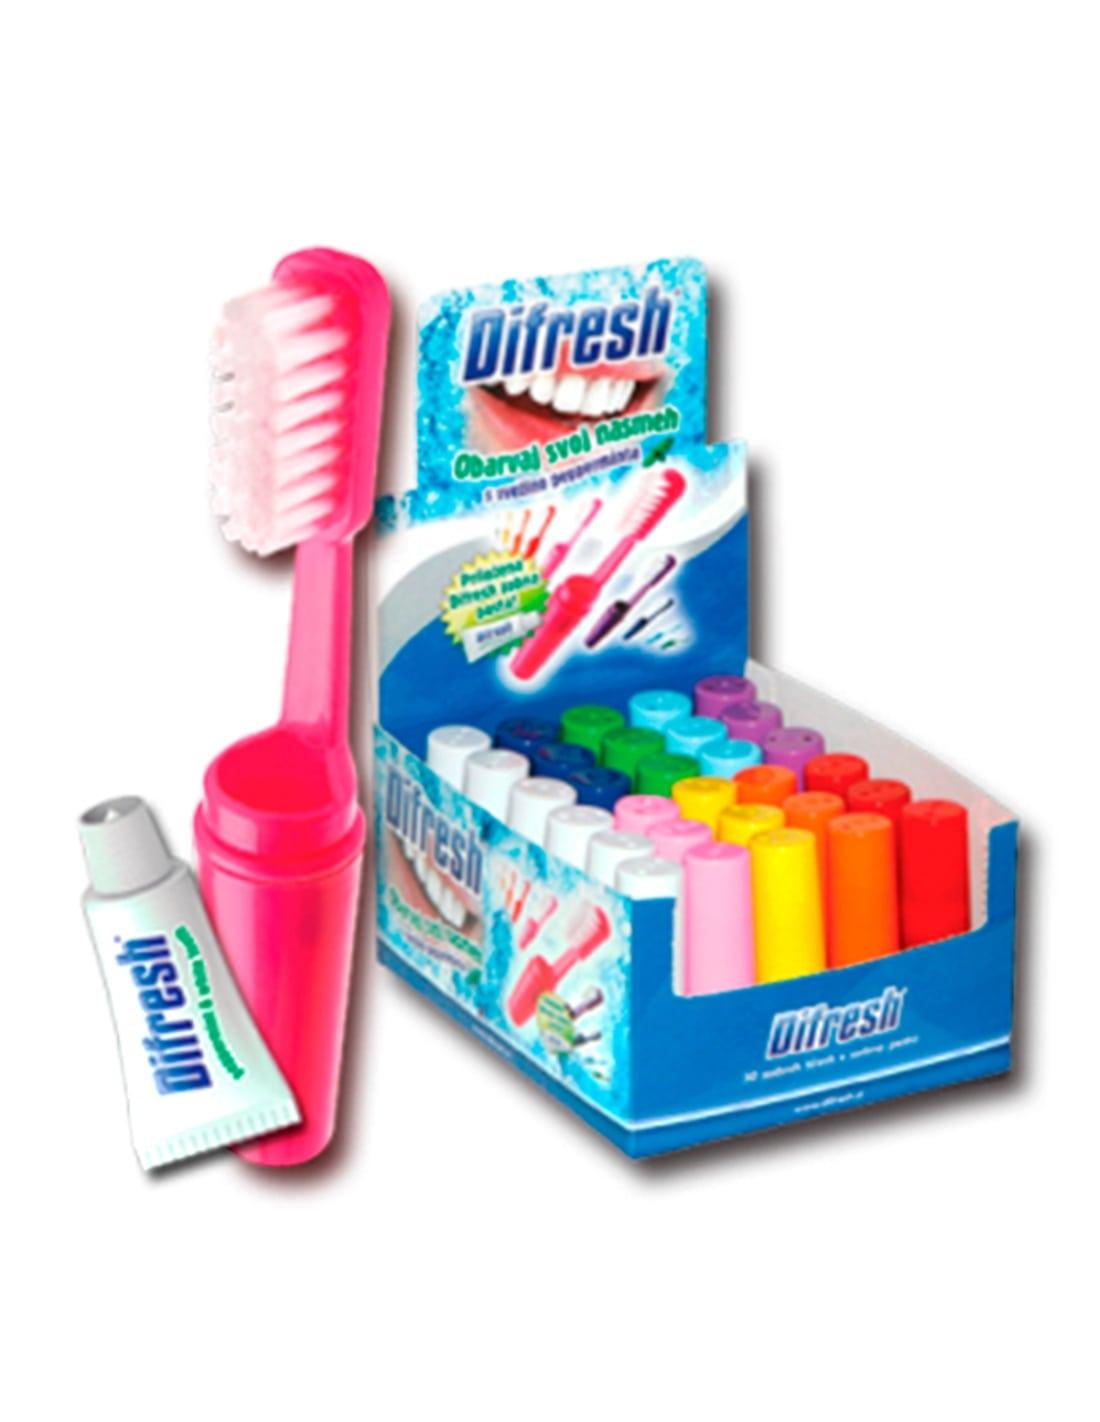 LG_11898_0 - Kit Escova de dentes com pasta para viagem-PR2010321065